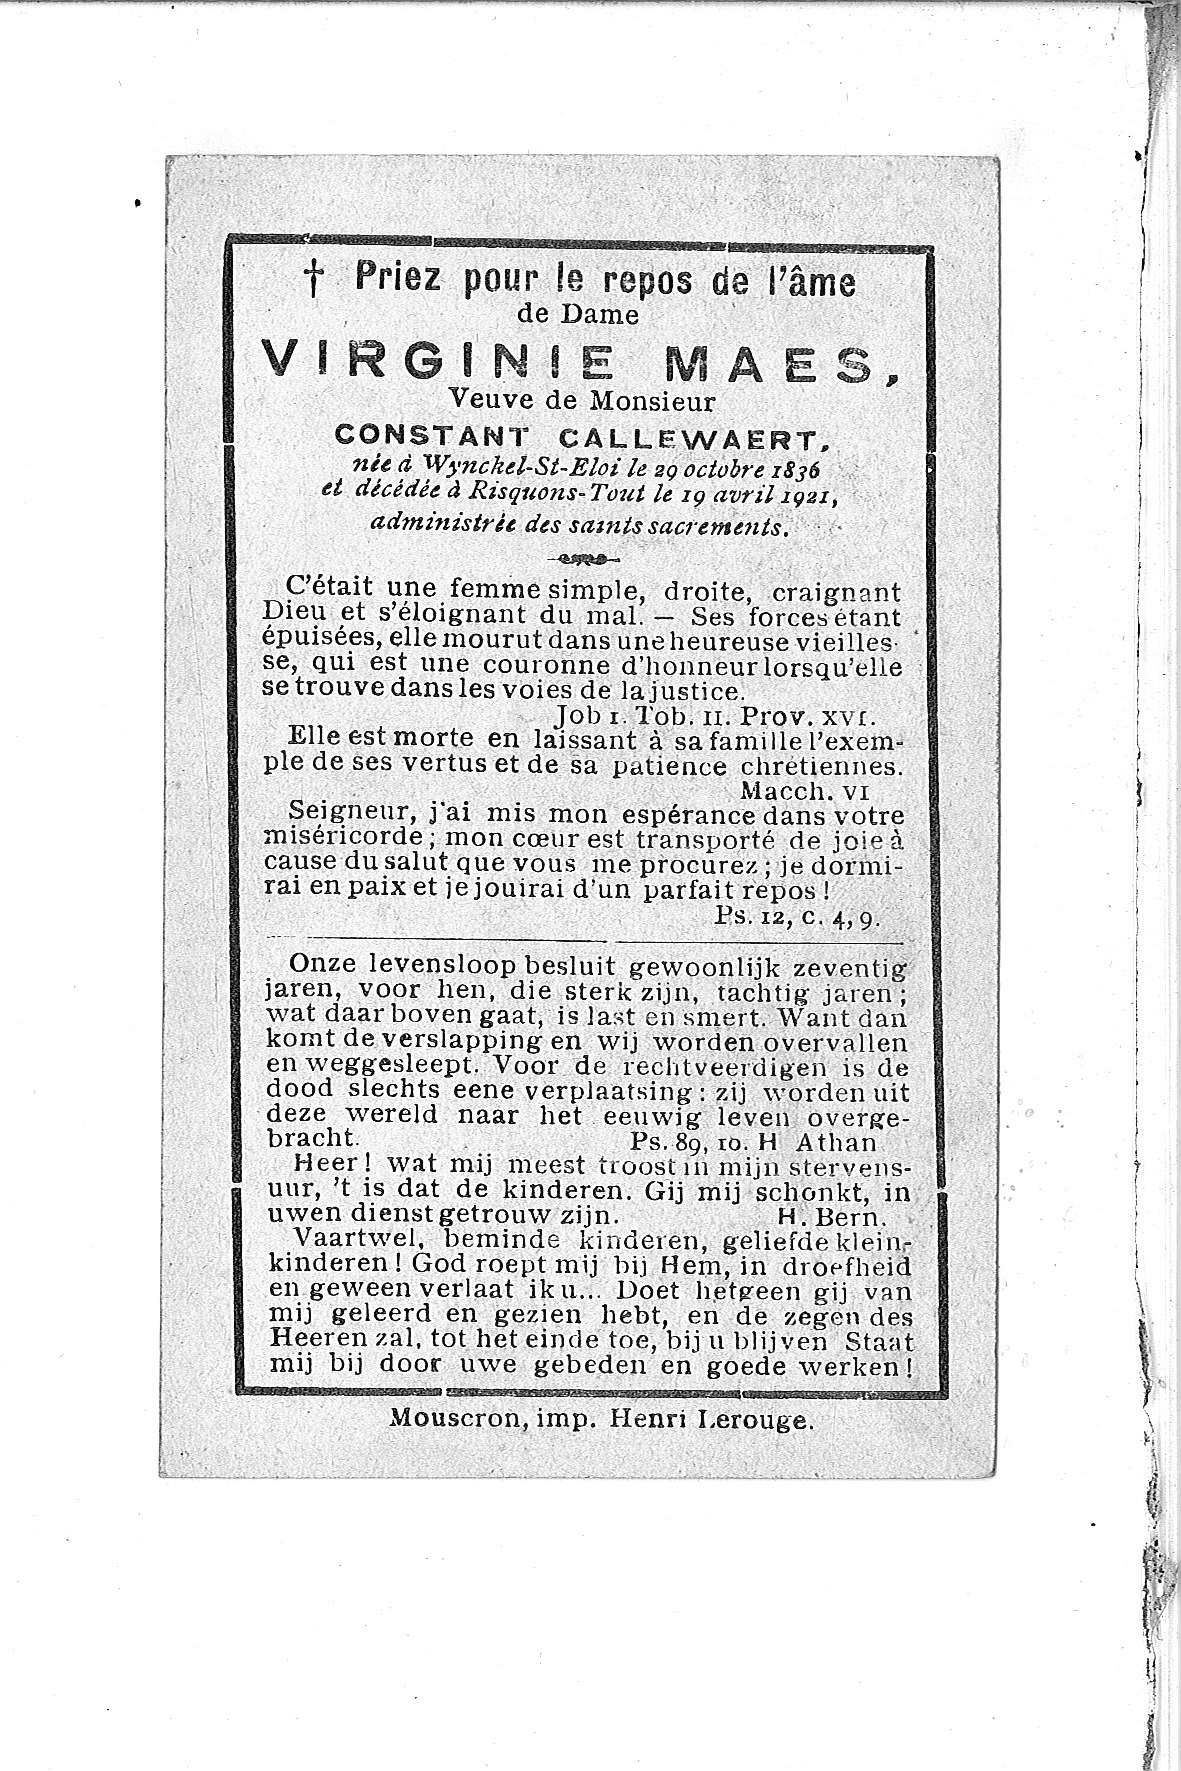 Virginie(1921)20111110092539_00272.jpg